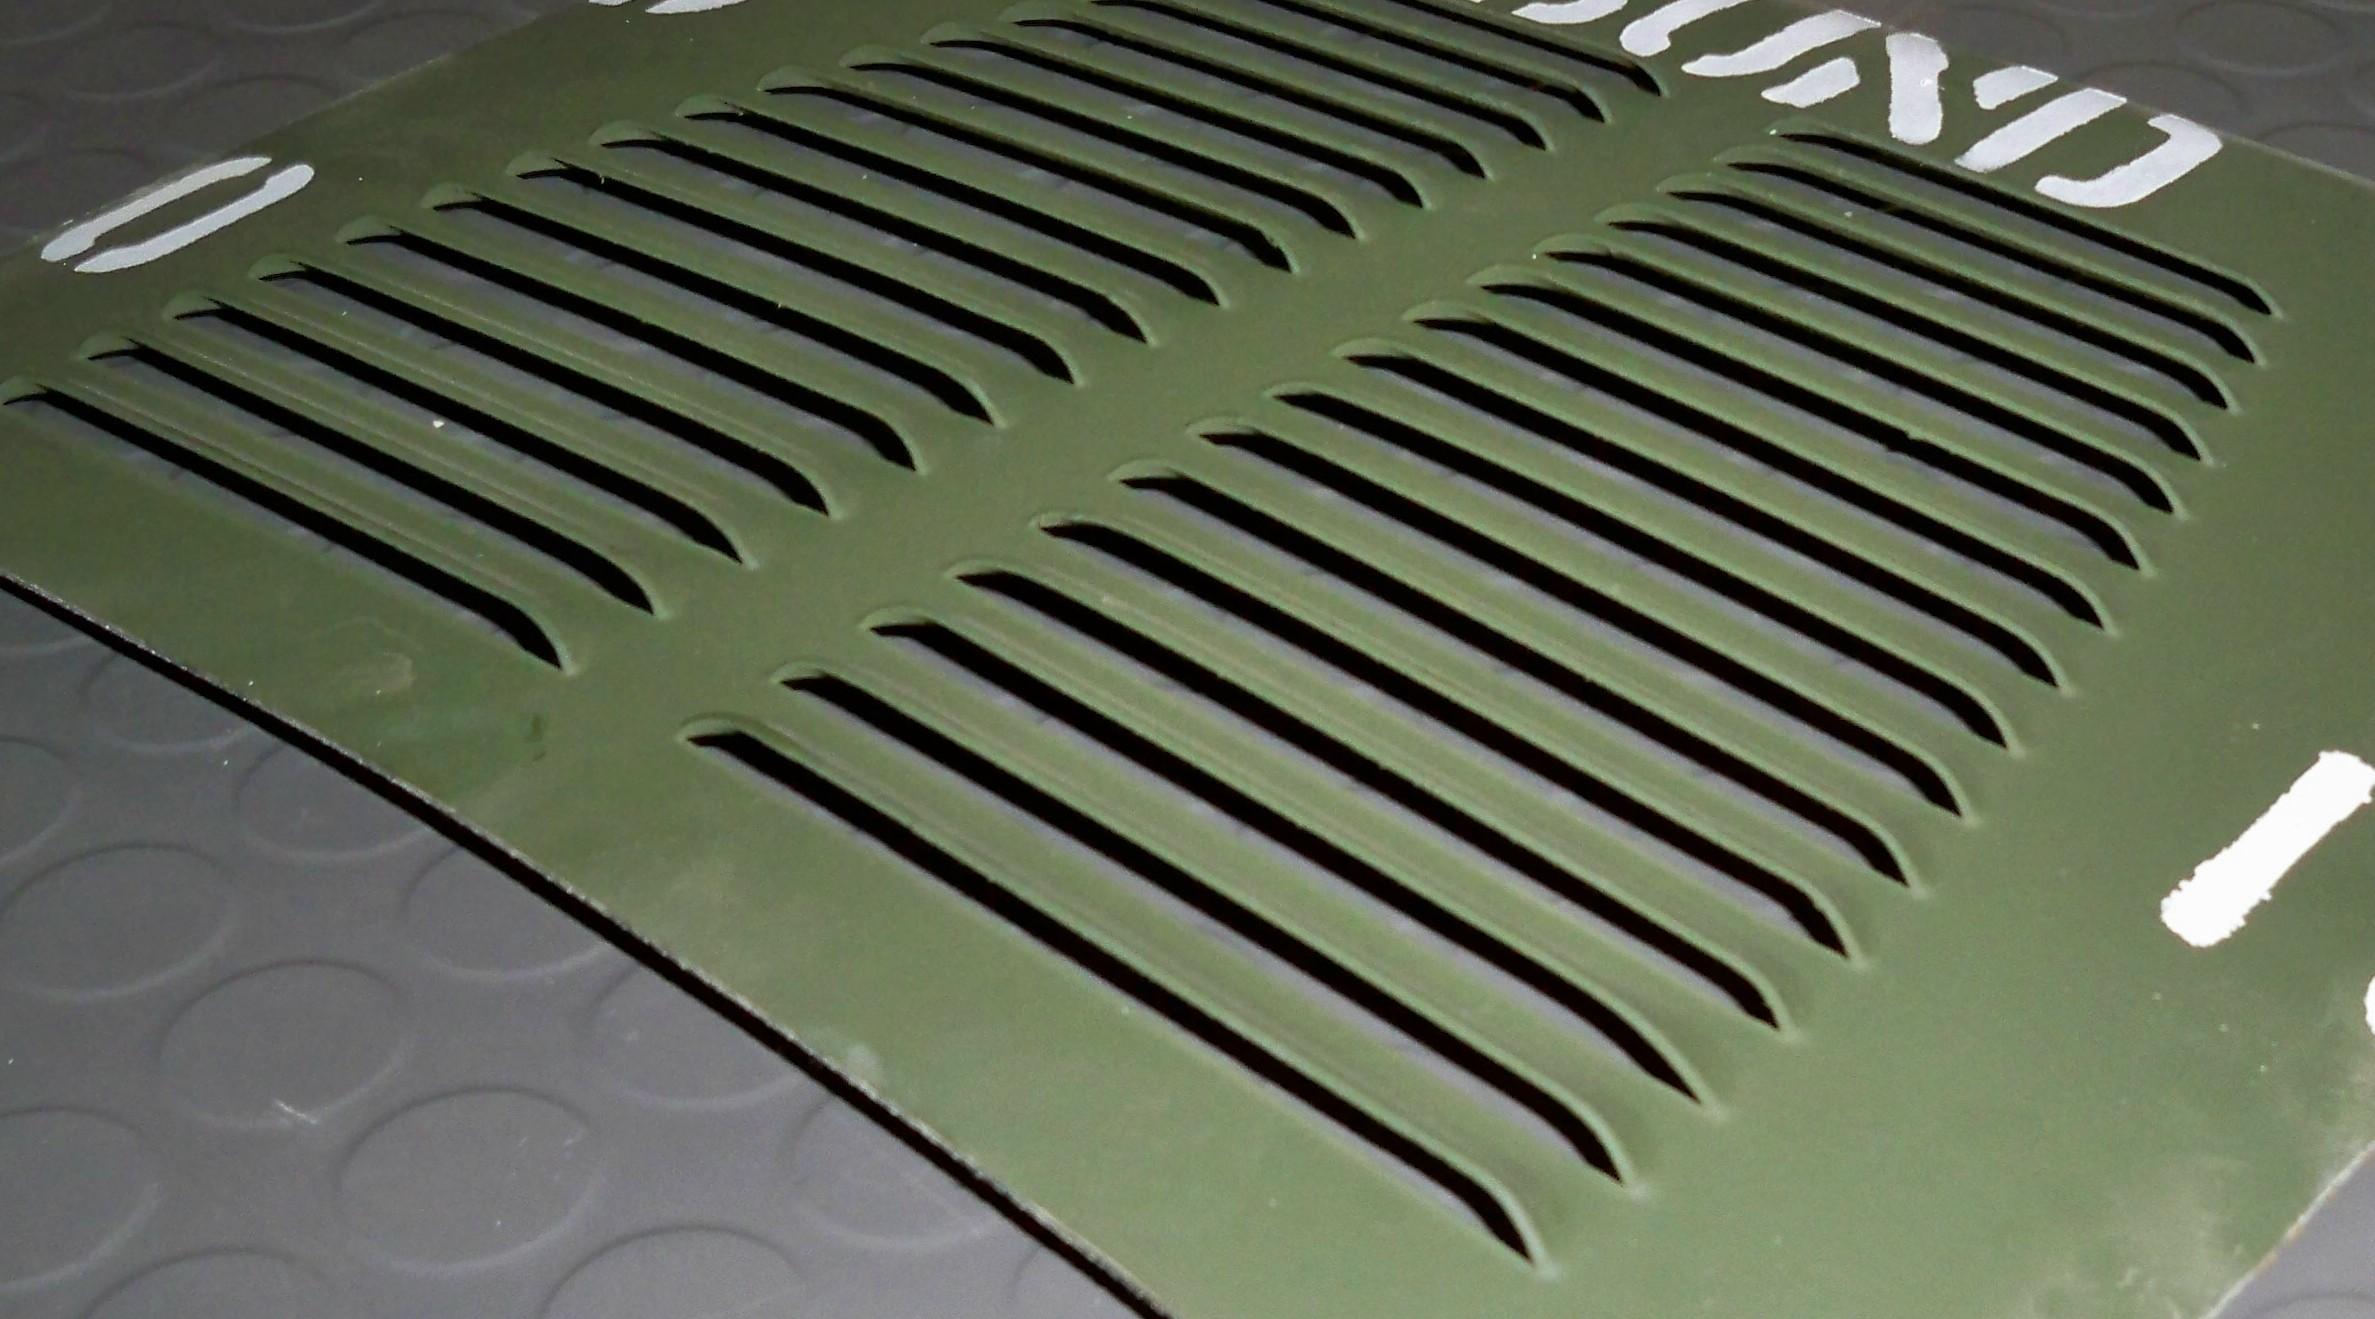 luftgitter luftschlitze f r vw k fer porsche 356 speedster. Black Bedroom Furniture Sets. Home Design Ideas